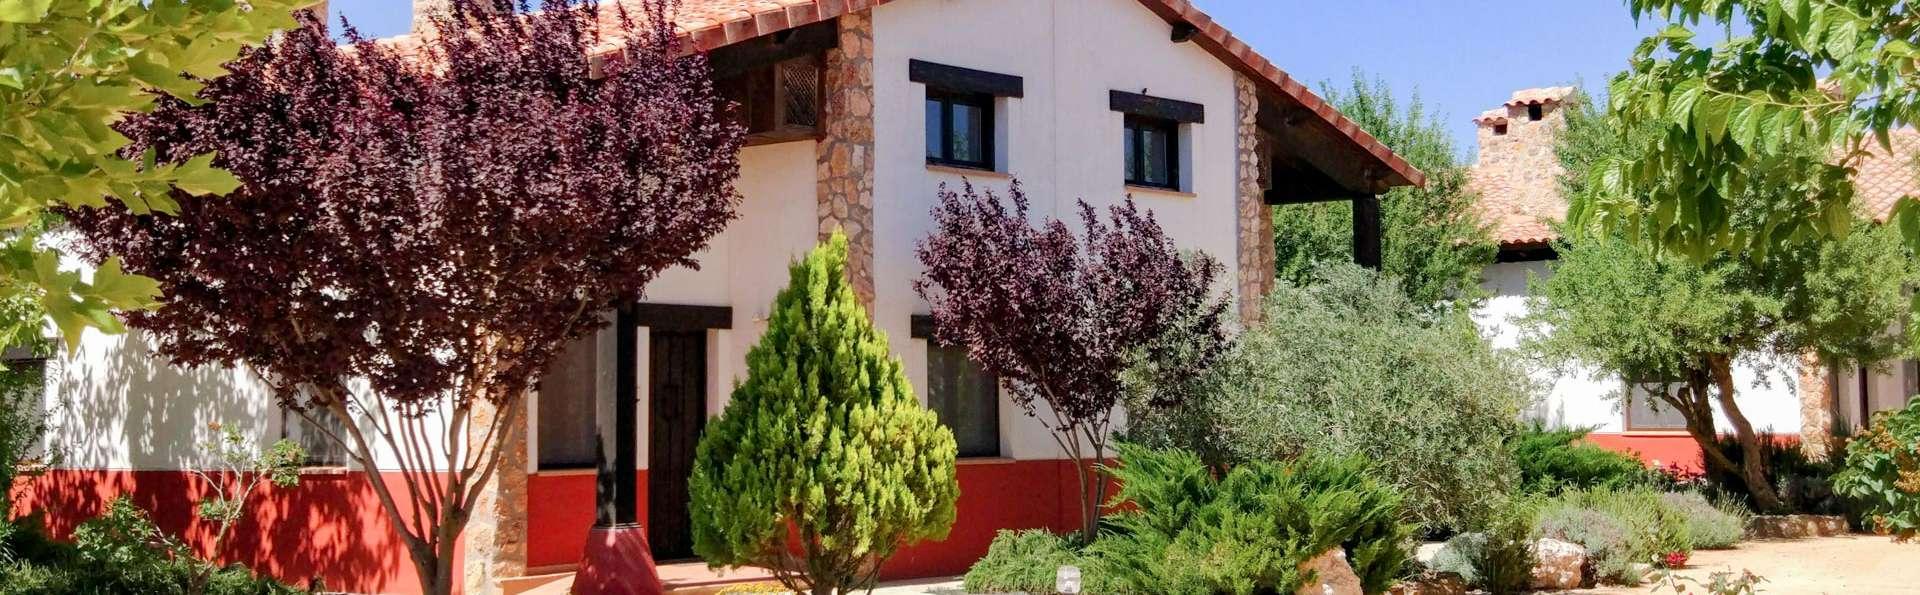 Escapada en una villa privada con chimenea y degustación enológica en La Mancha